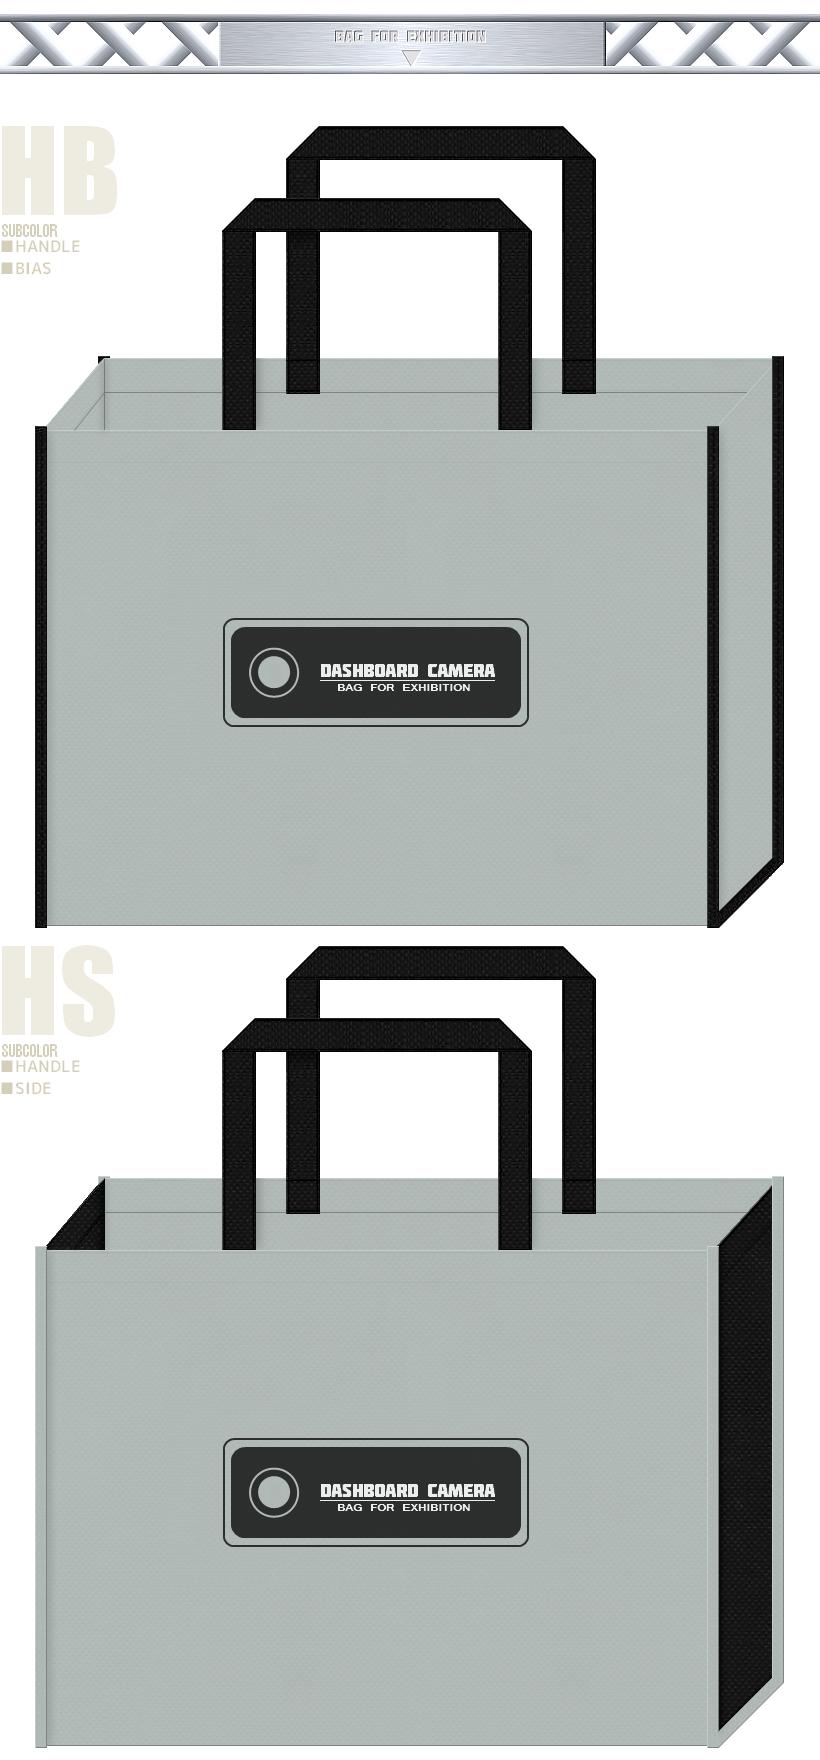 グレー色と黒色の不織布バッグデザイン:ドライブレコーダー・カー用品の展示会用バッグ